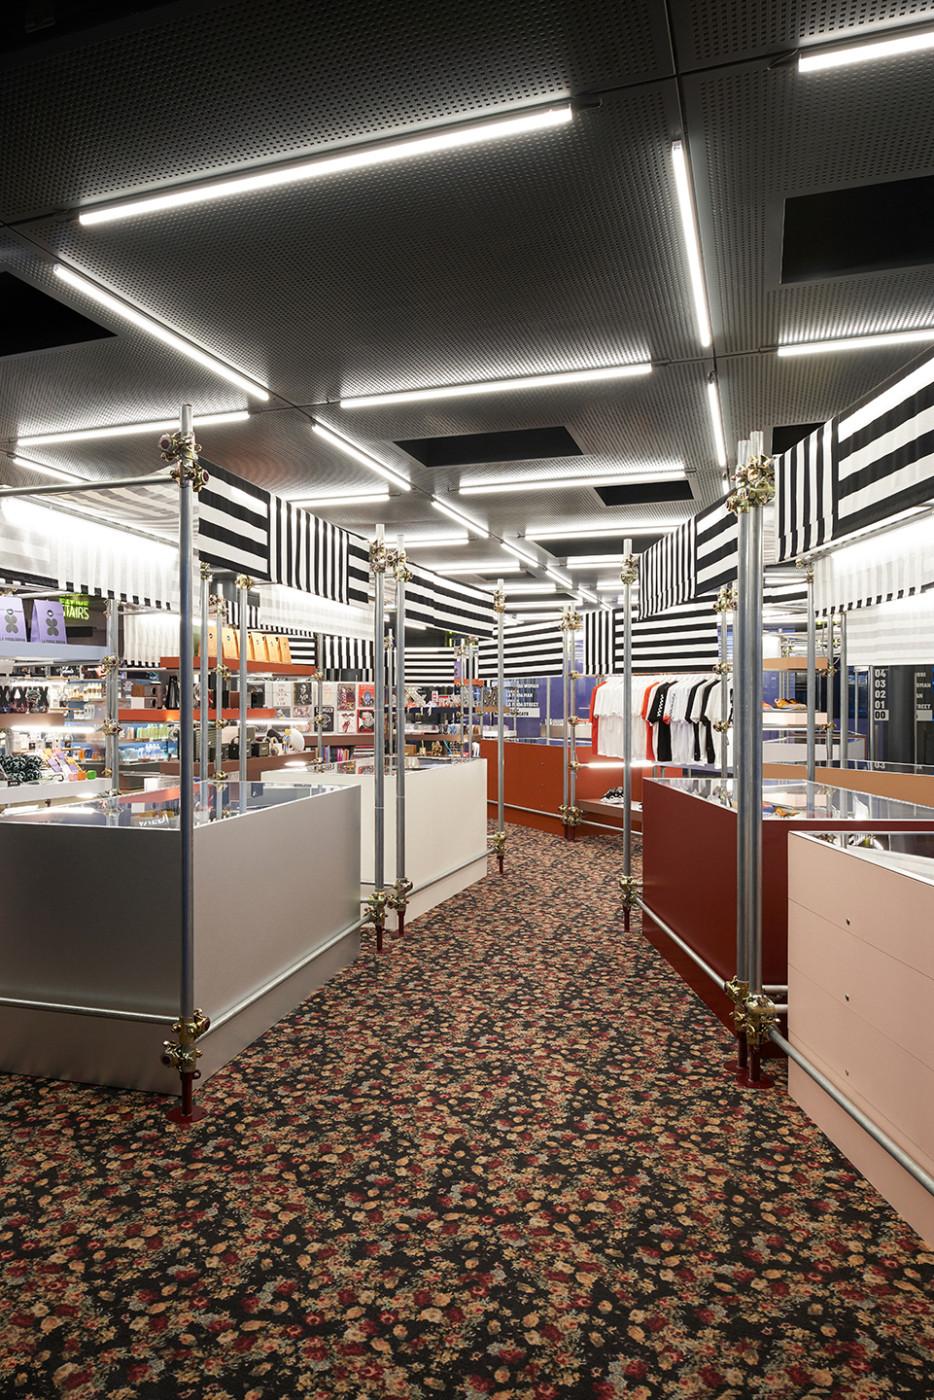 Dimore Studio: tra design, architettura e moda dimore studio Dimore Studio: tra design, architettura e moda EXCELSIOR MERCATO 011 2 934x1400